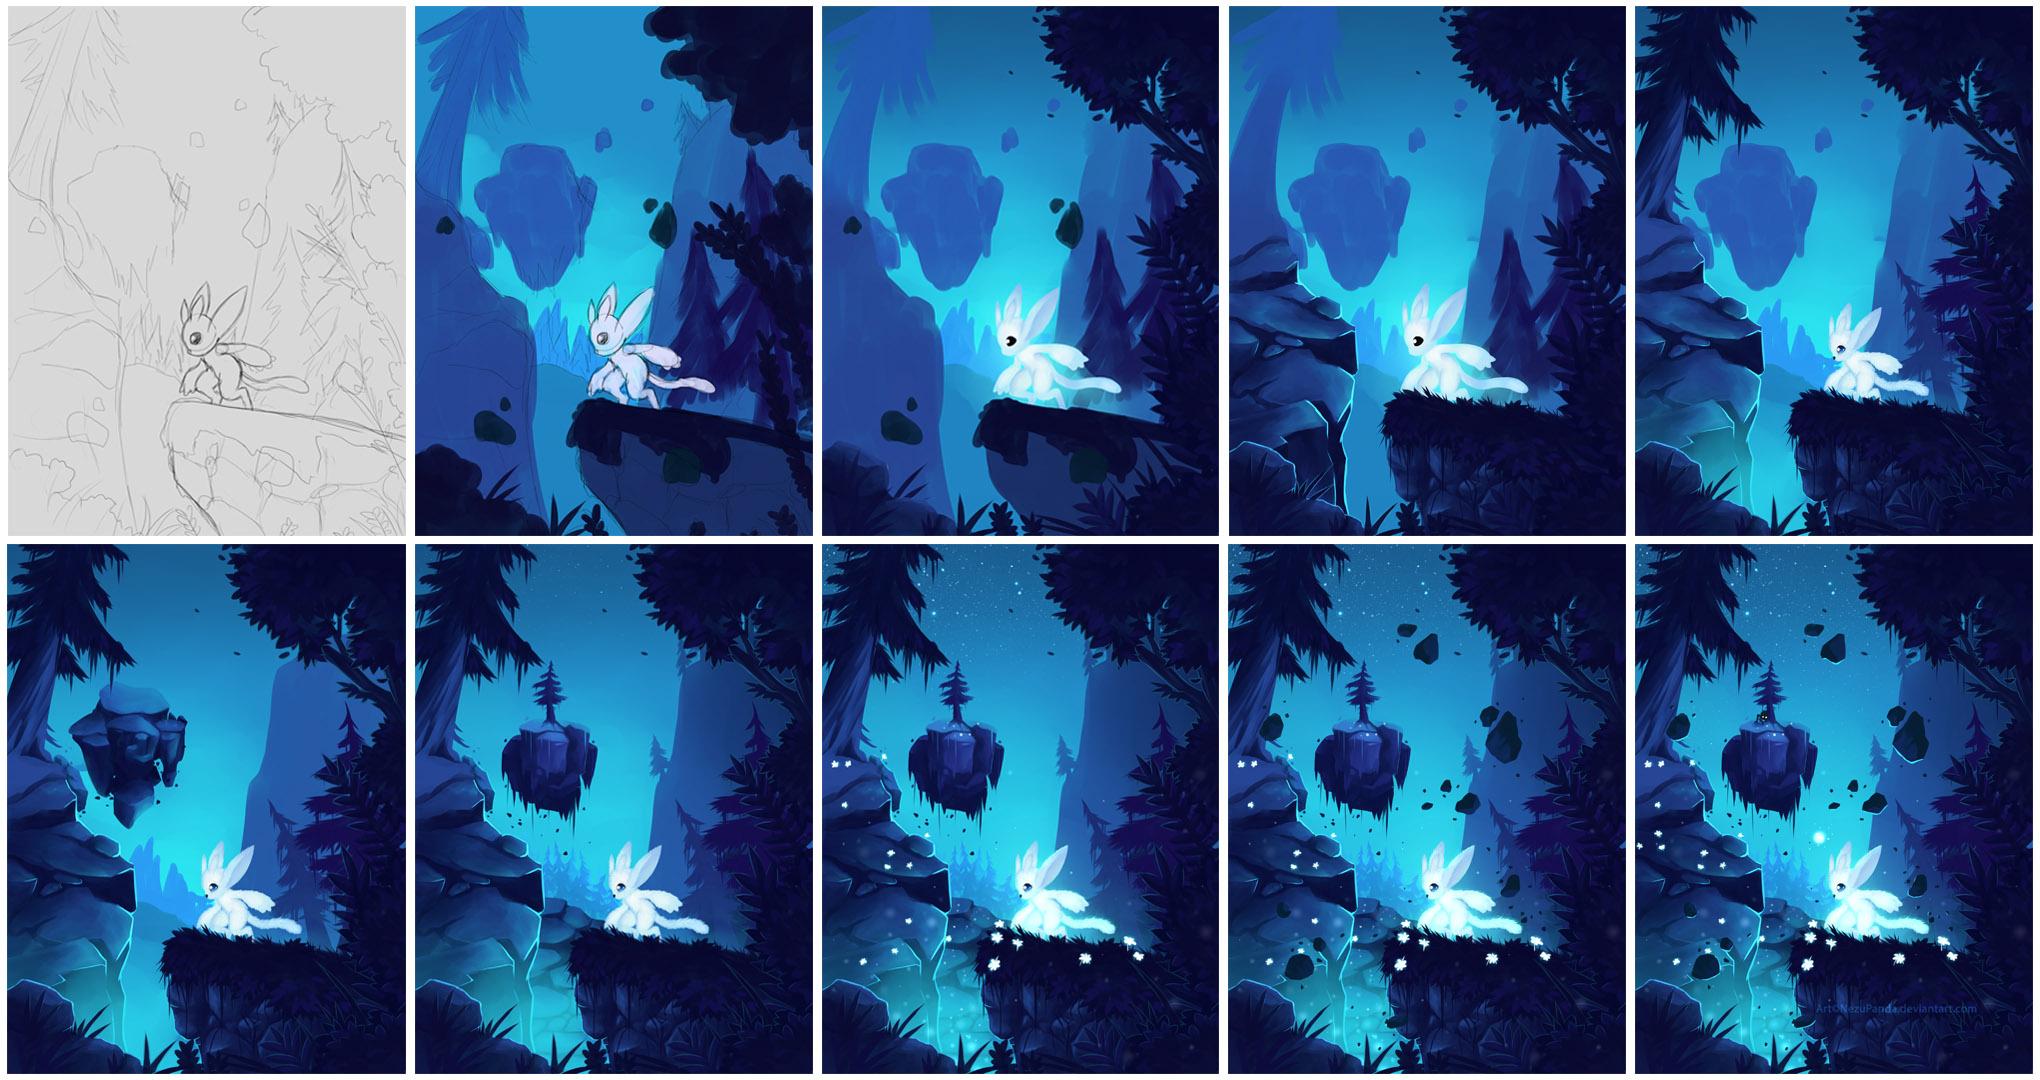 Progress - Lost without Light by NezuPanda